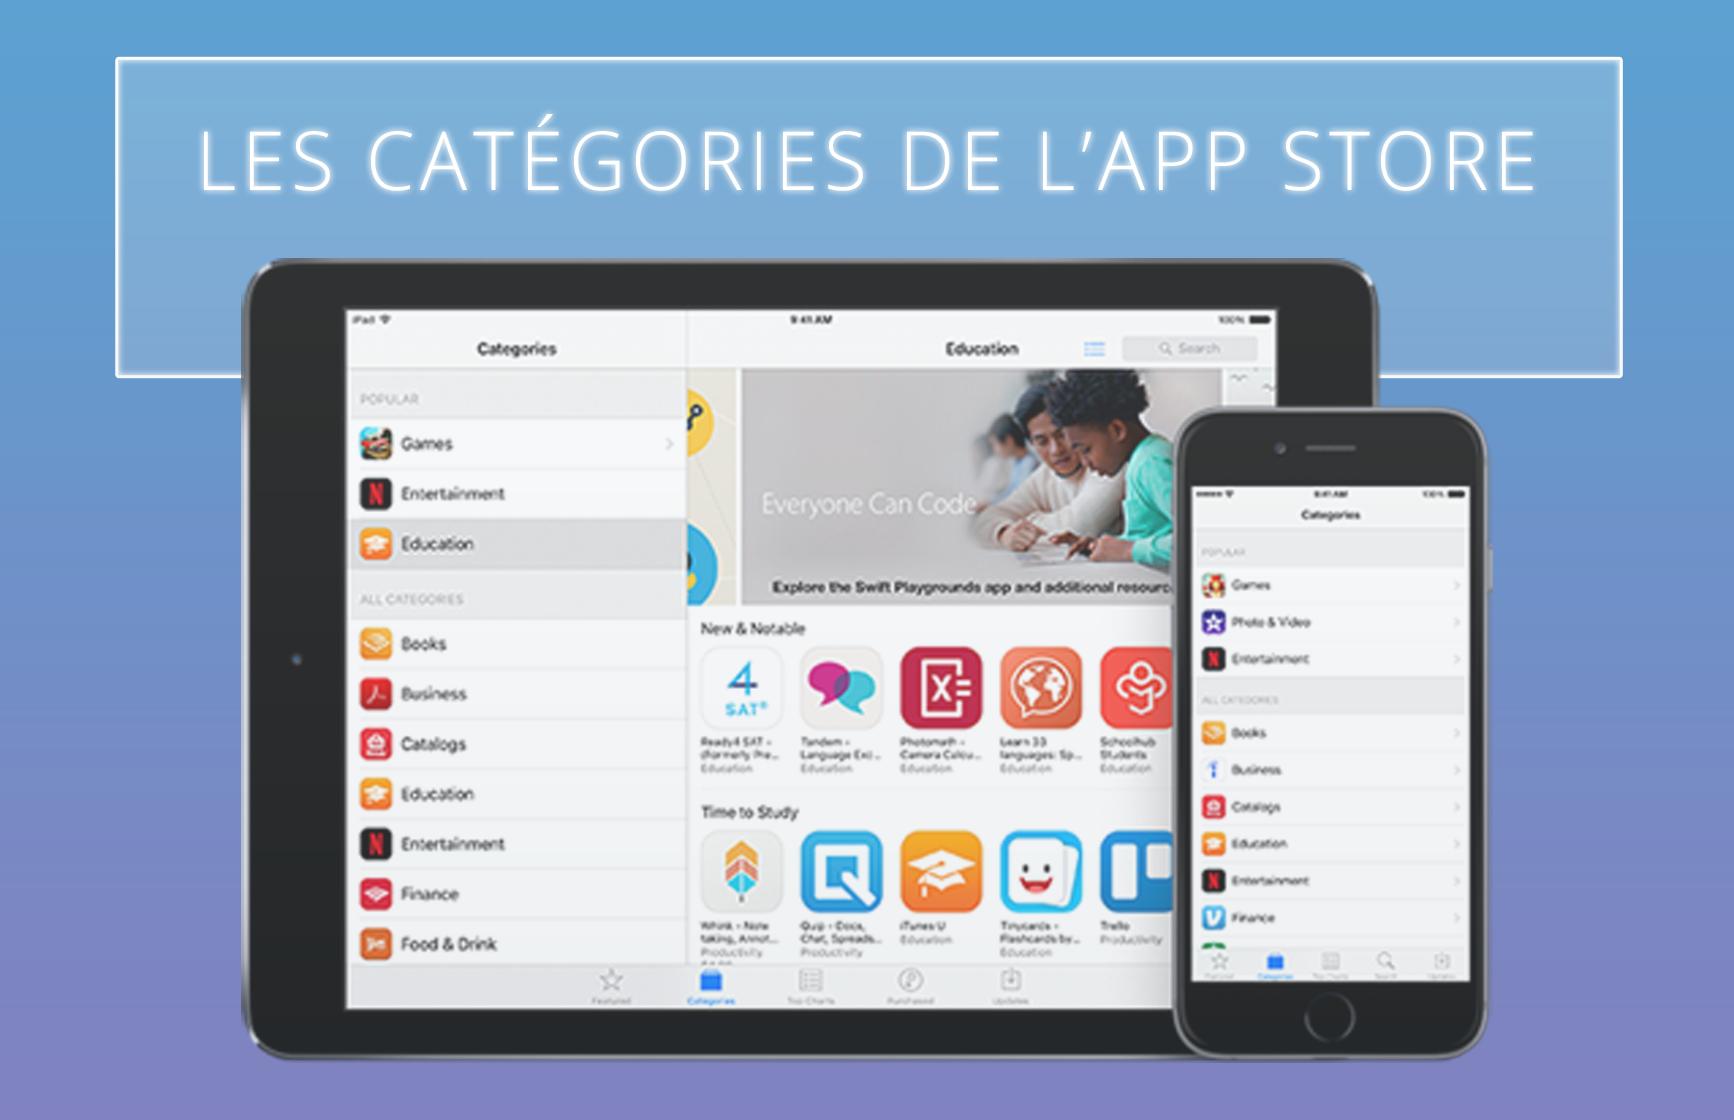 Illusatration Définitions des catégories de l'App Store